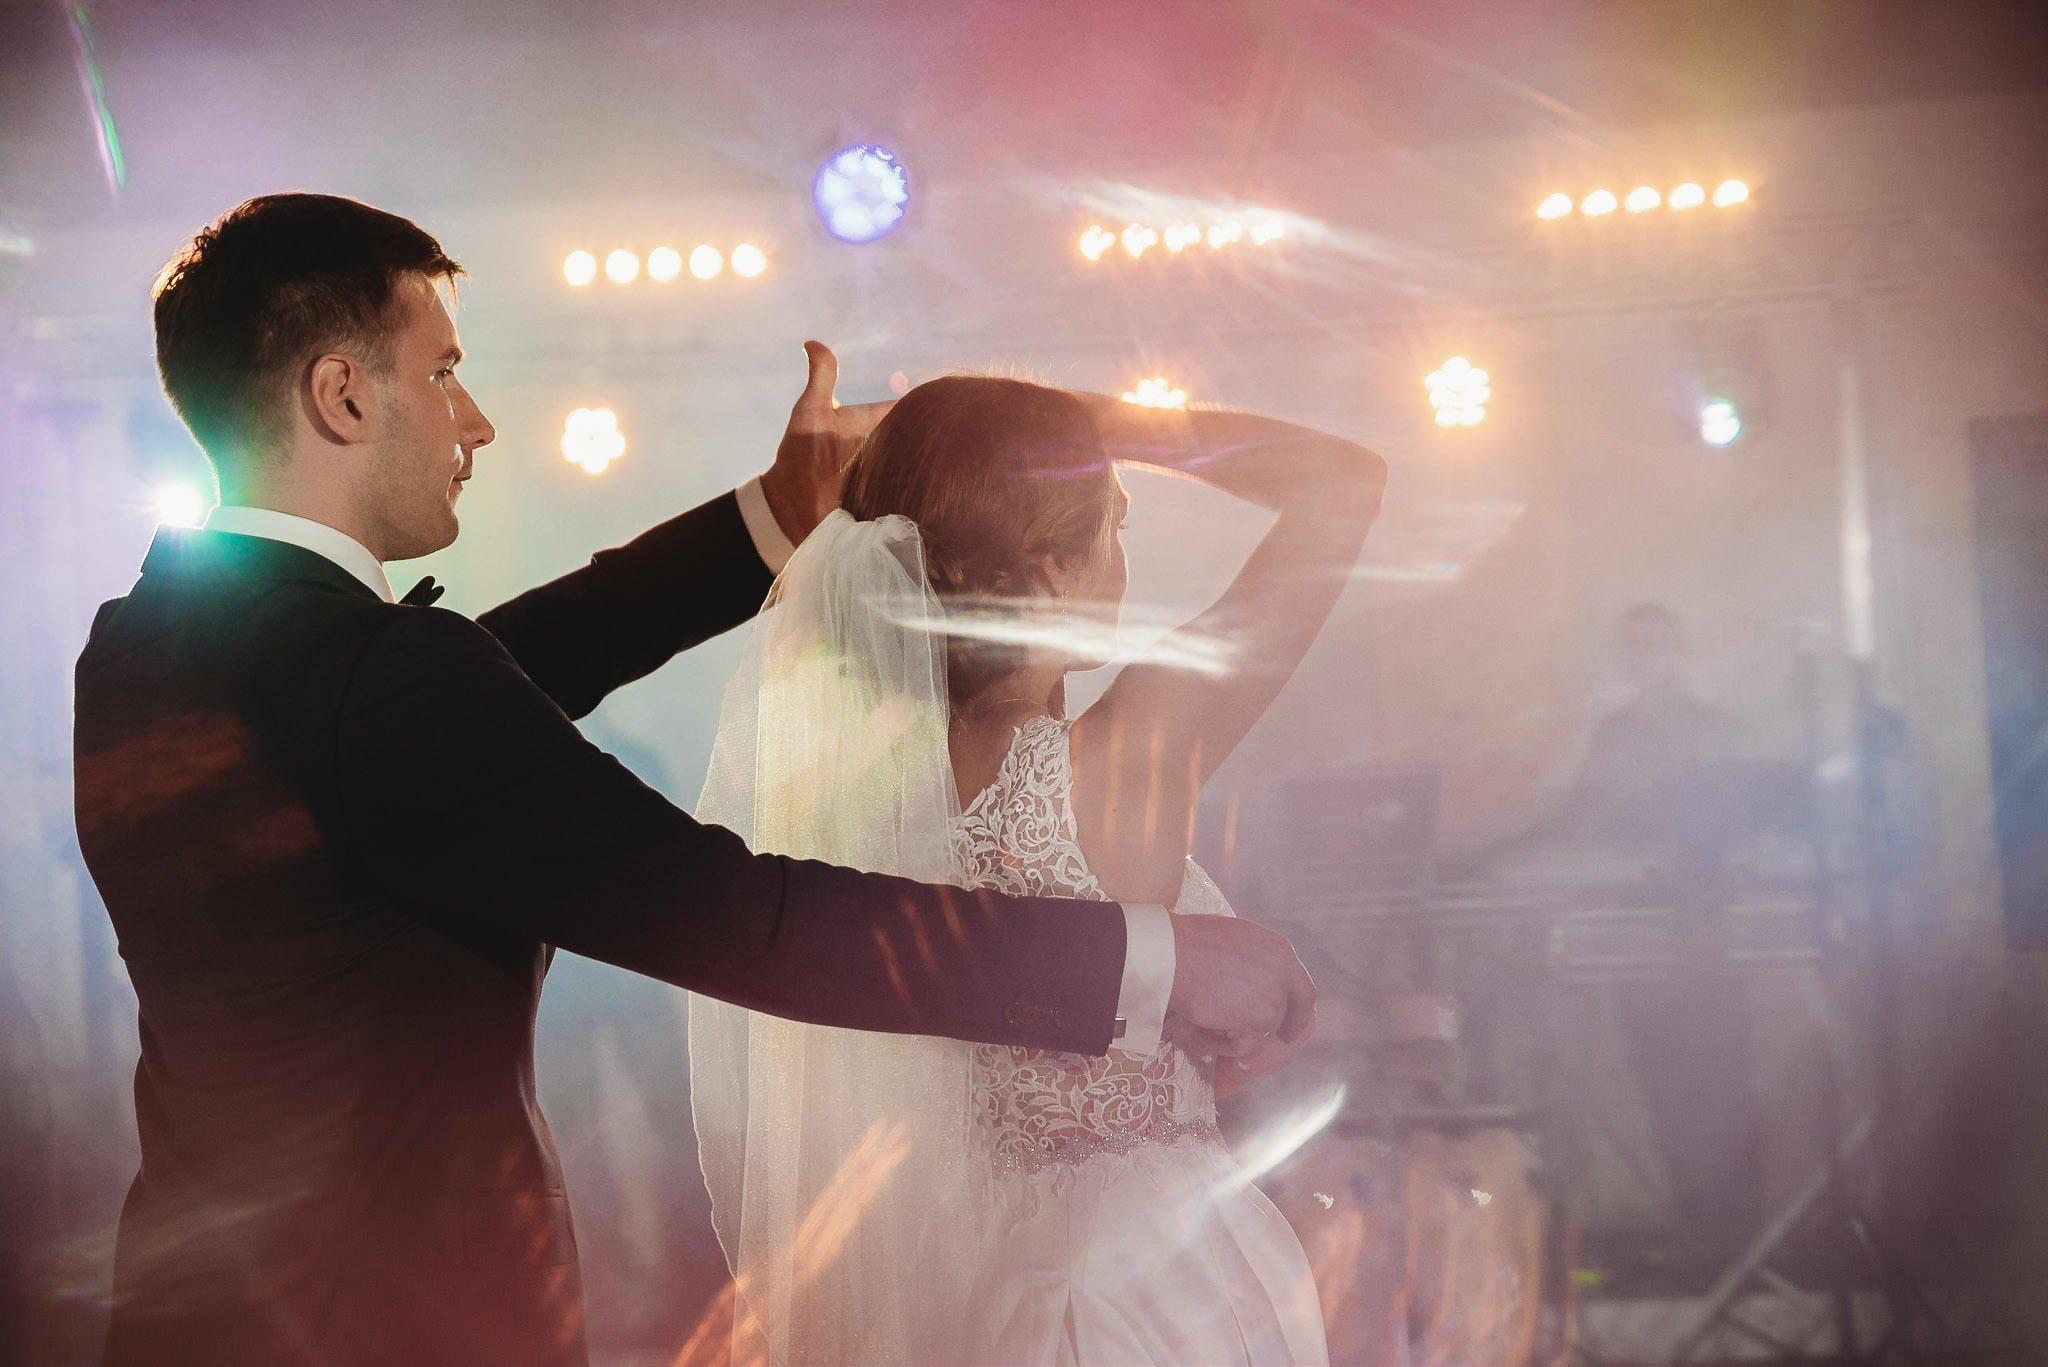 Monika i Michał, wesele w Paryżu i sesja plenerowa w stadninie koni w Czołowie 188